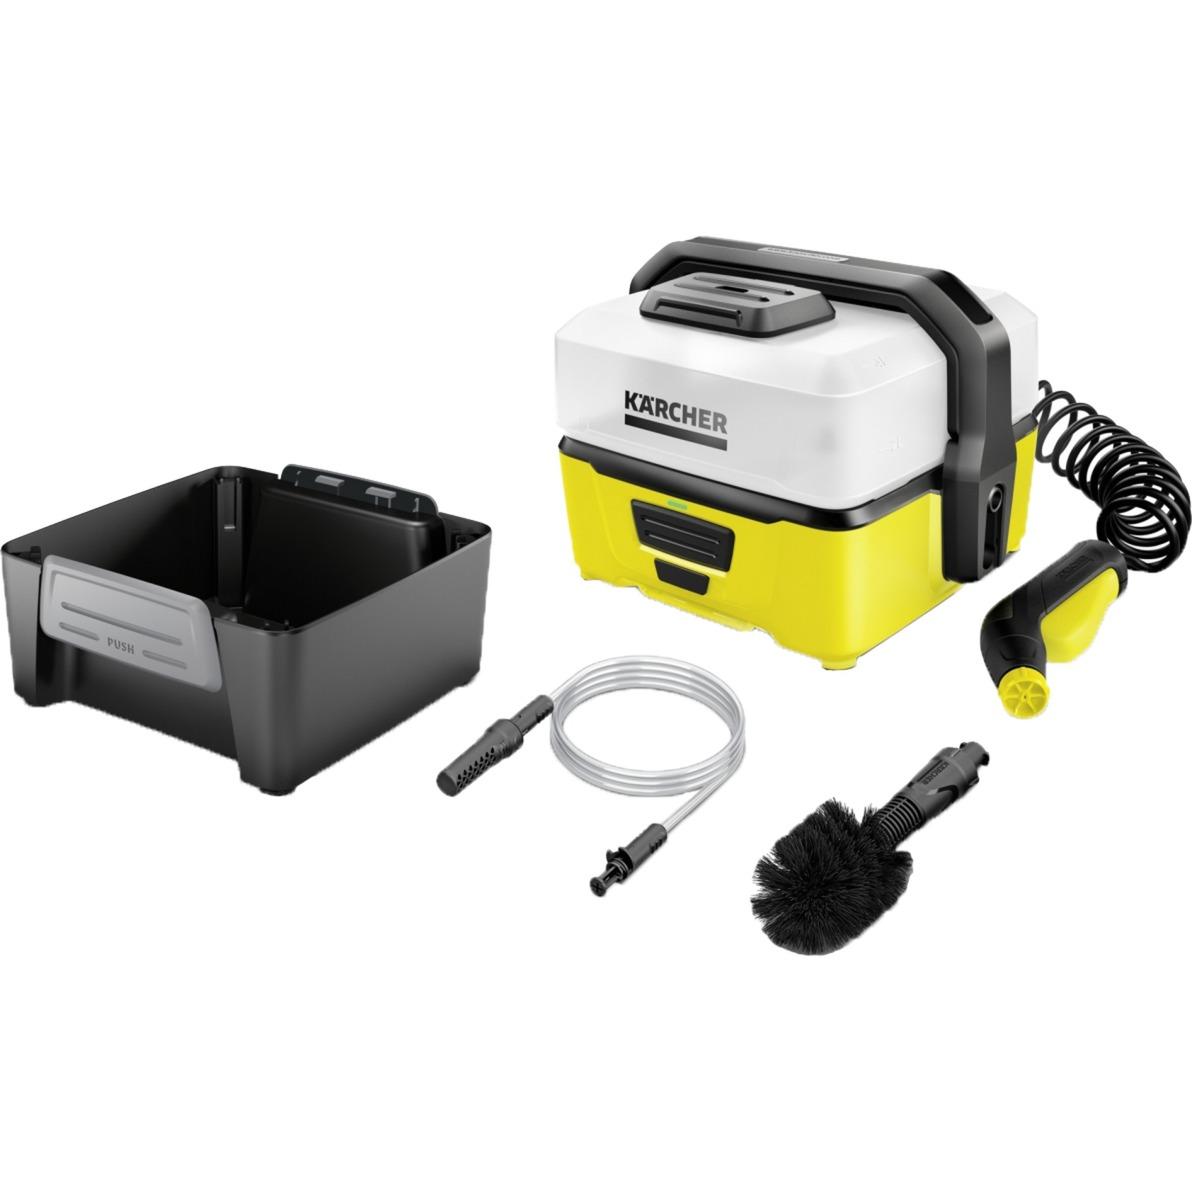 1.680-002.0, Limpiador de baja presión